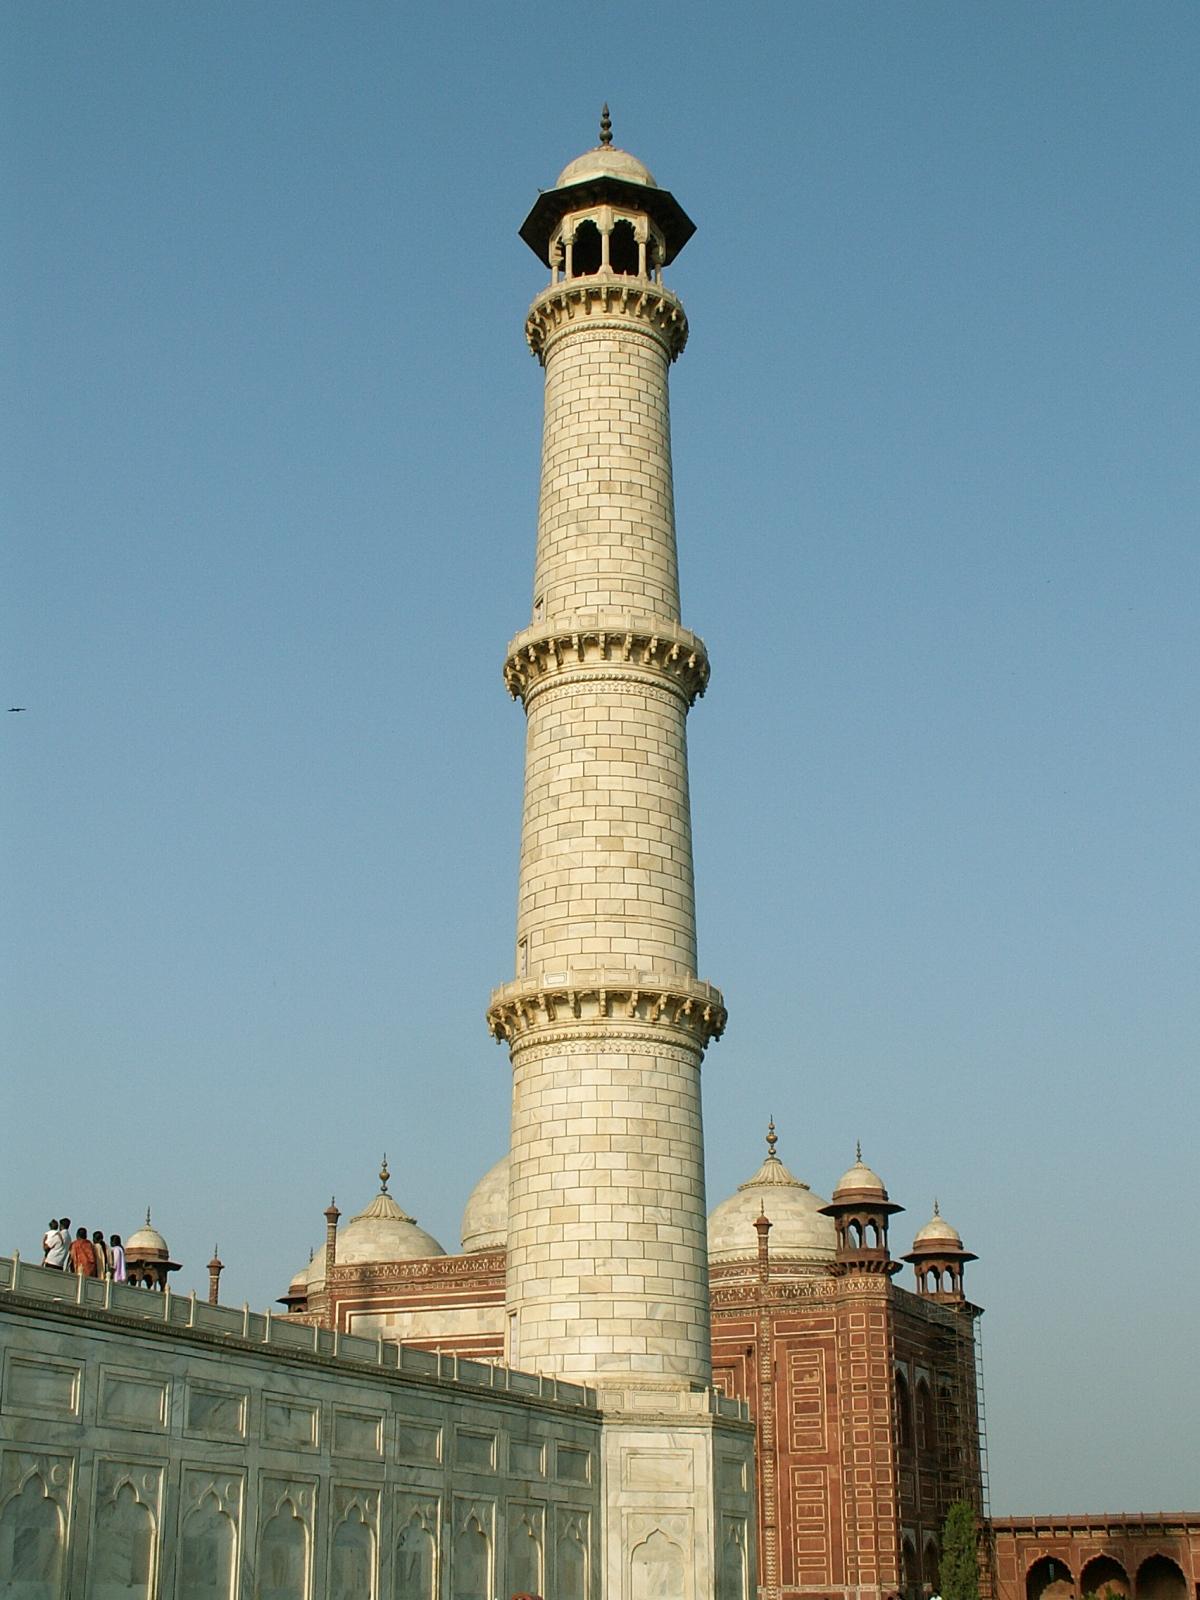 Sergej Marsnjak - India (North) - Agra - Taj Mahal - Minaret